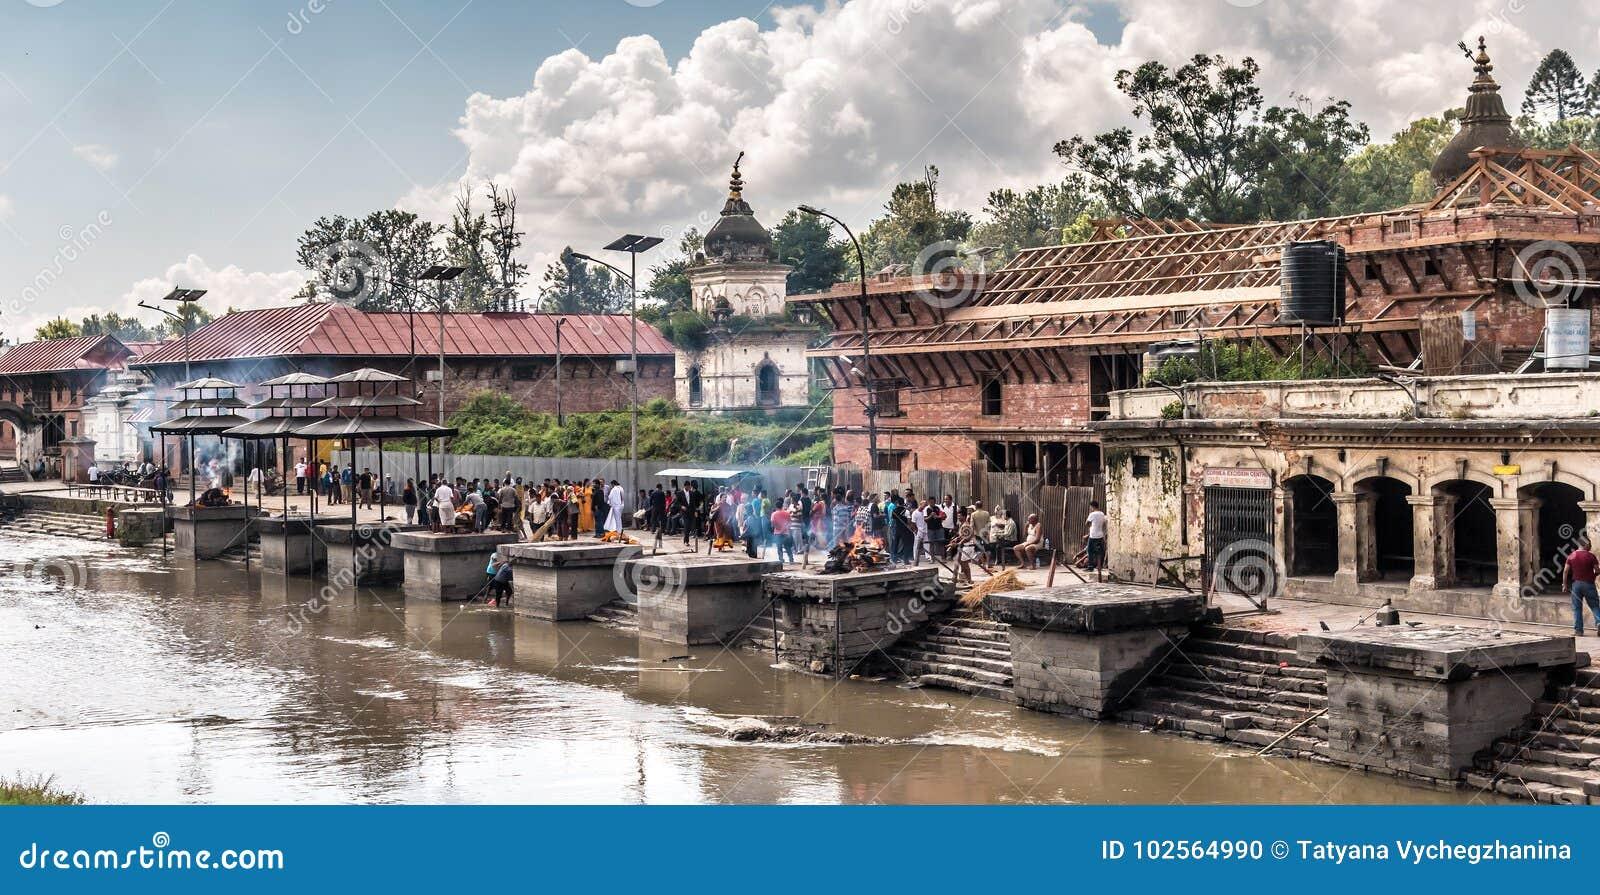 Pashupatinath CATMANDU nepal